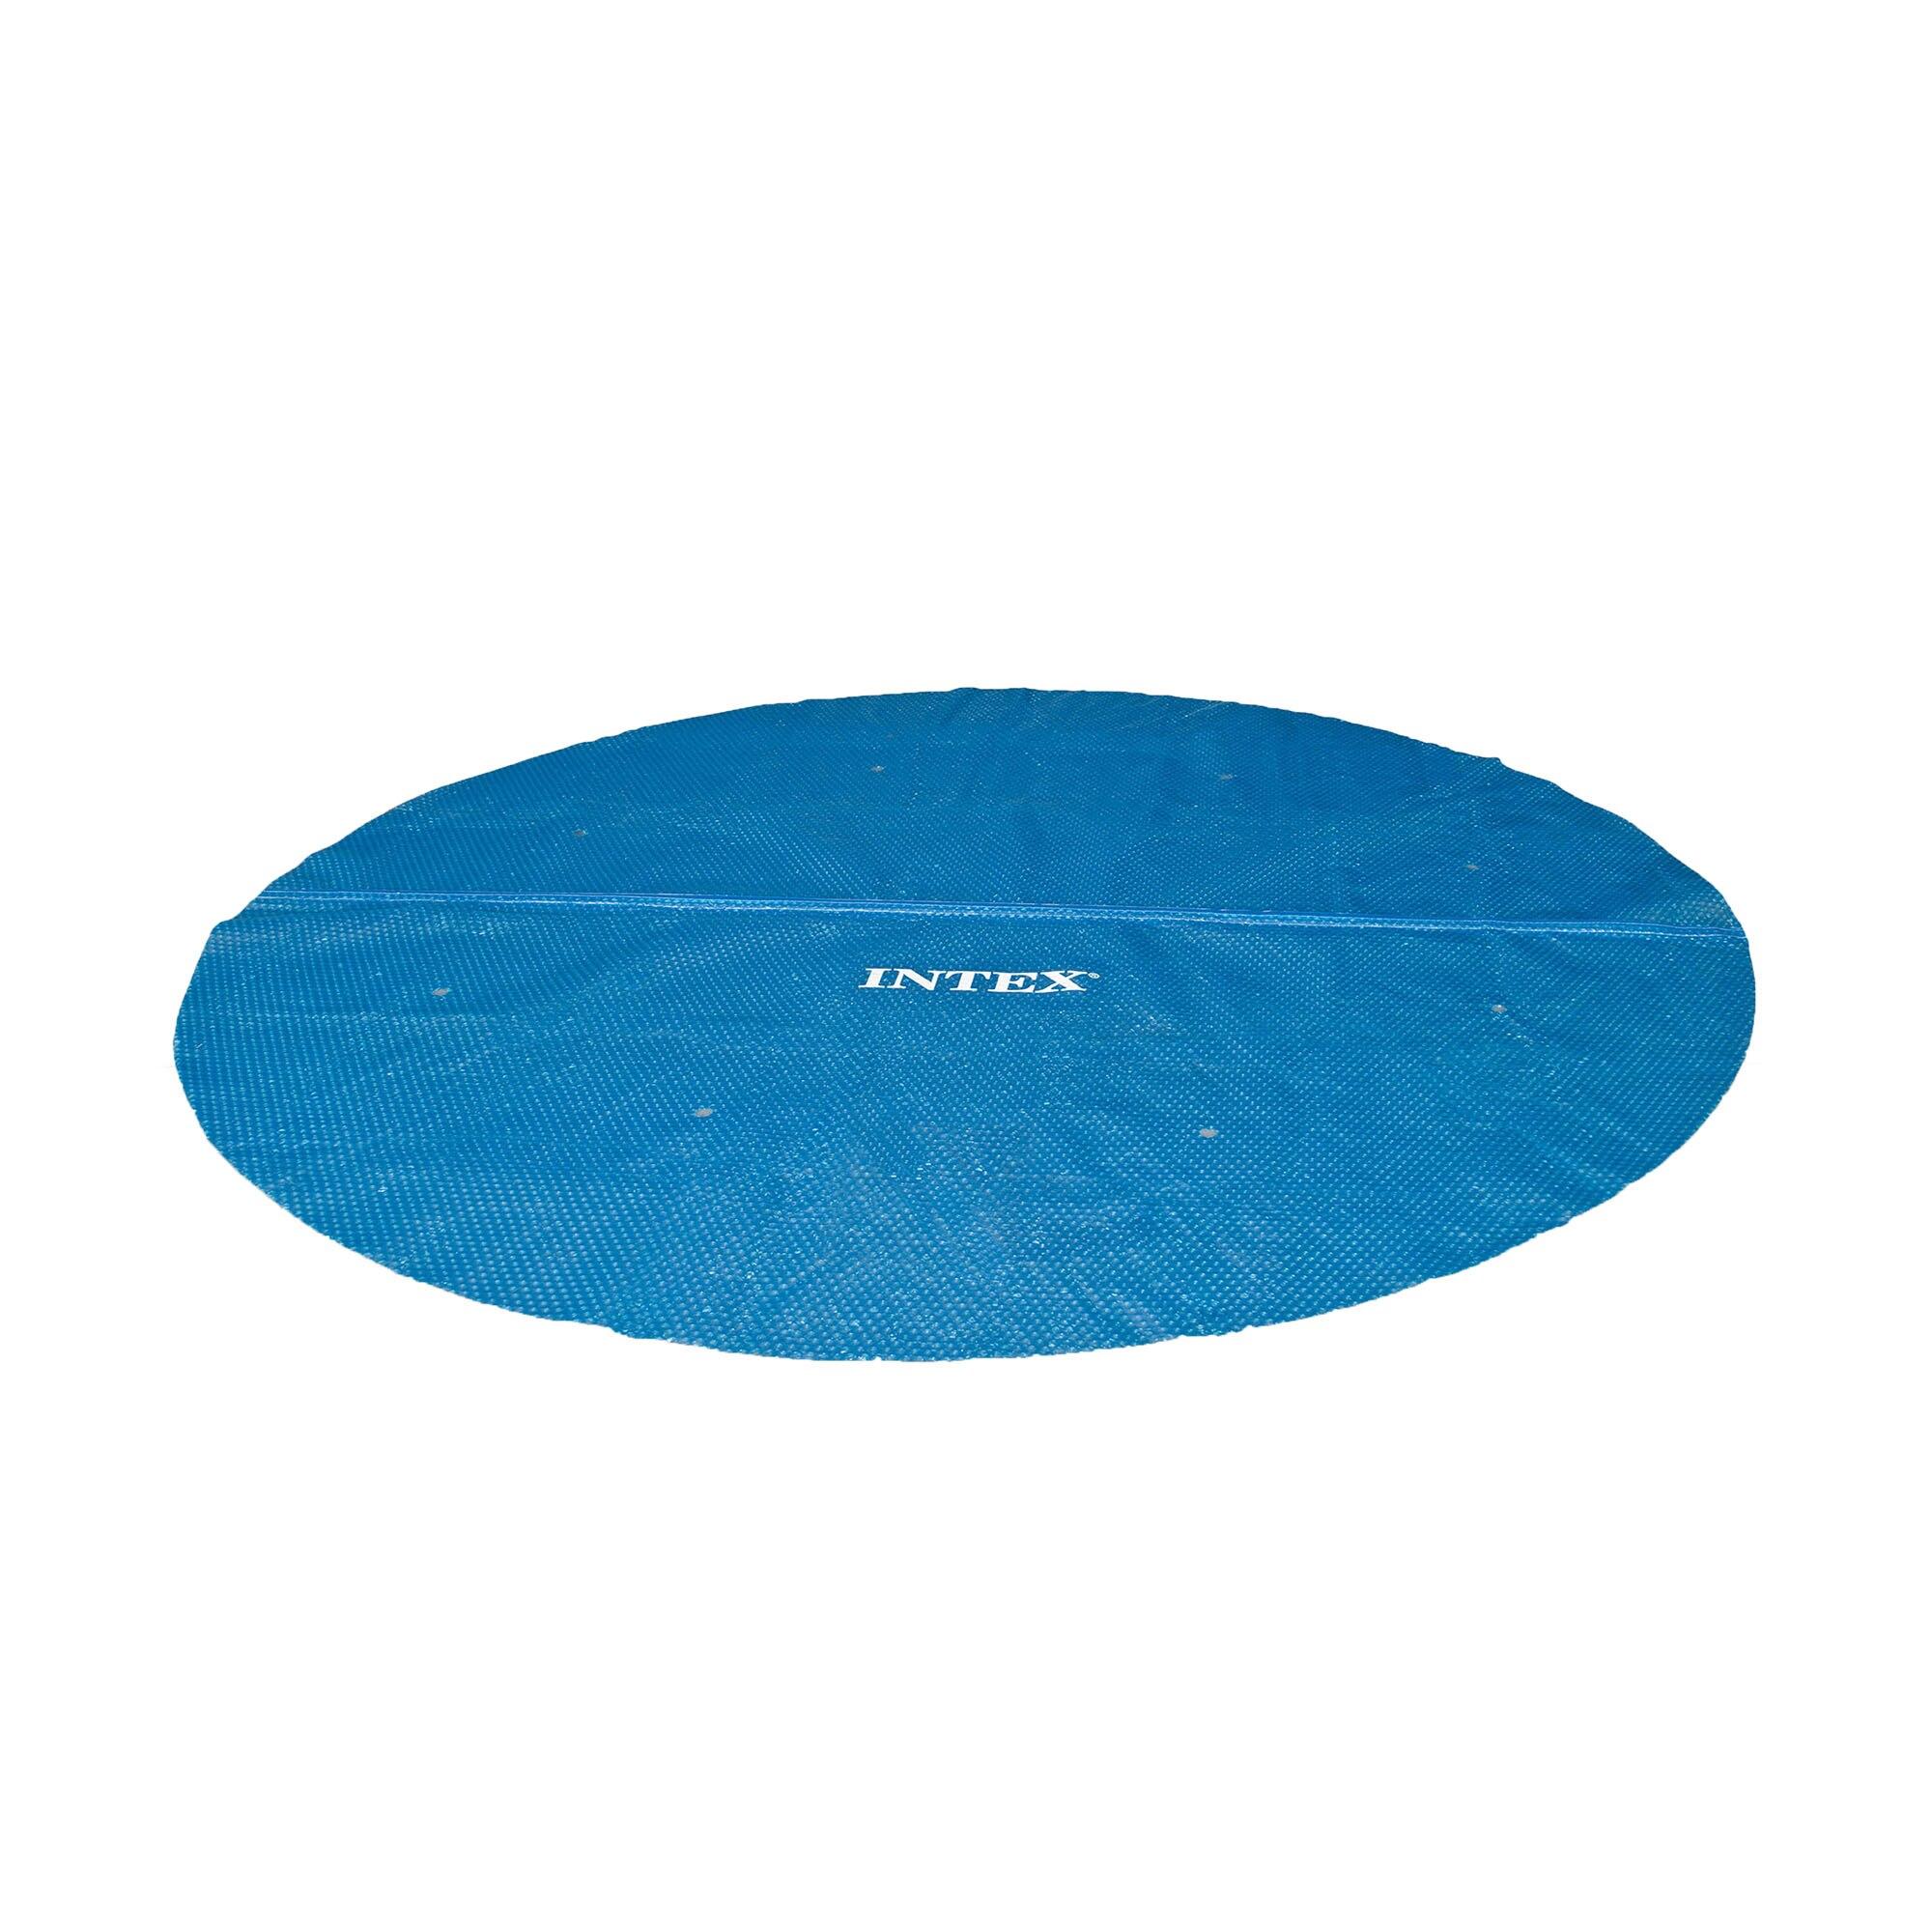 Fotografie Prelata pentru acoperit piscina Intex 29025, forma rotunda, 5.38 m diametru + sacosa transport